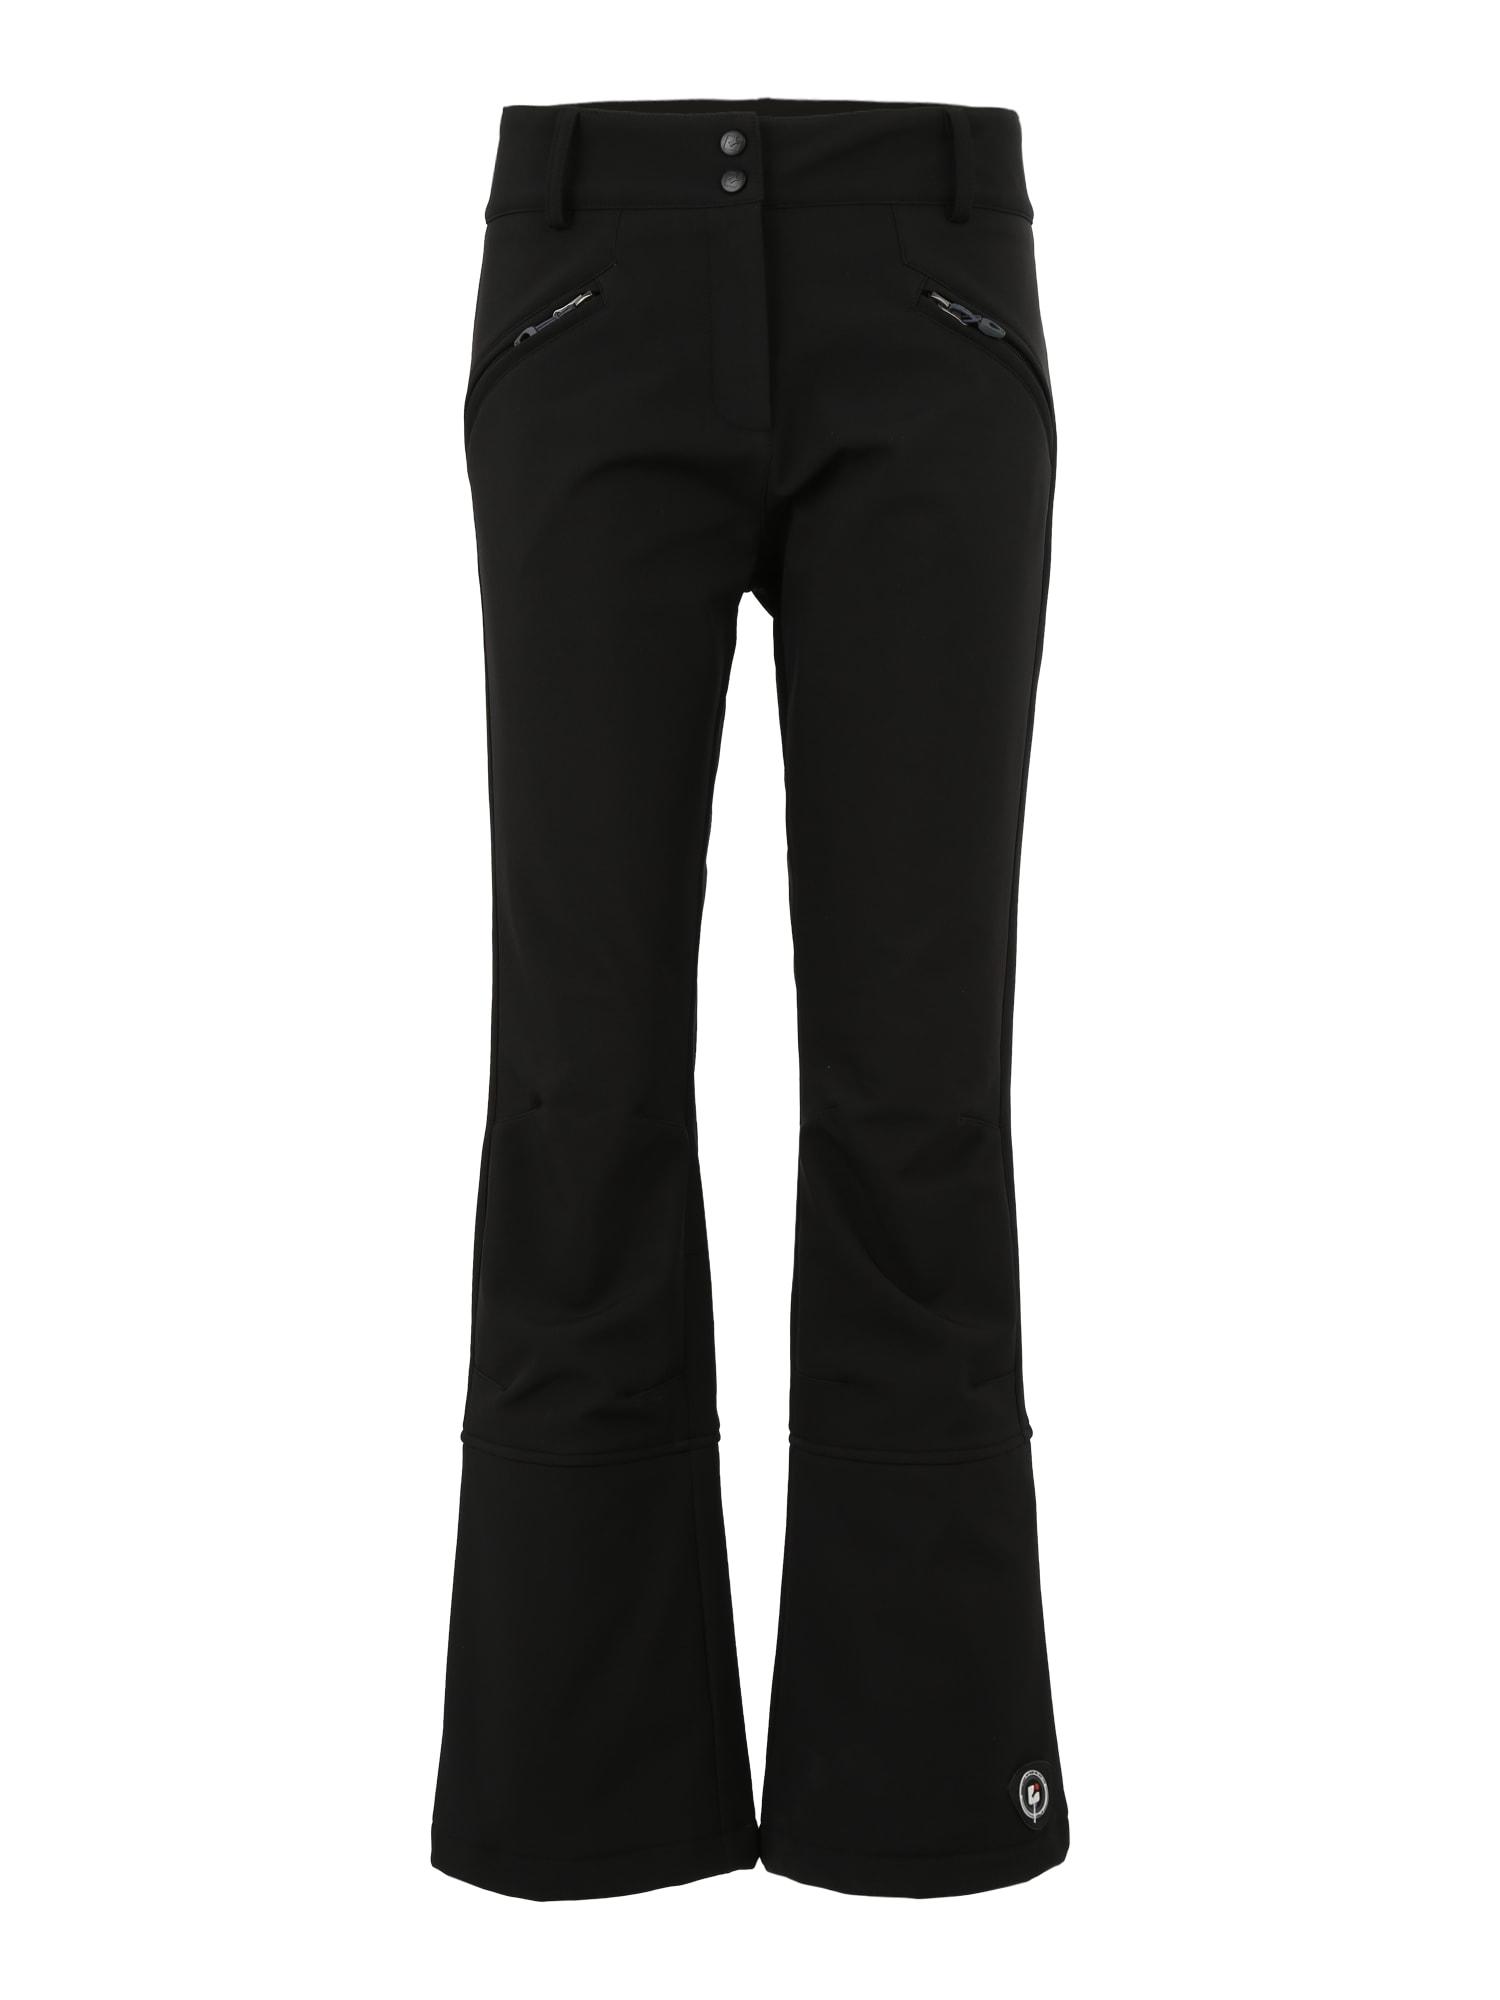 Outdoorové kalhoty Nynia černá KILLTEC